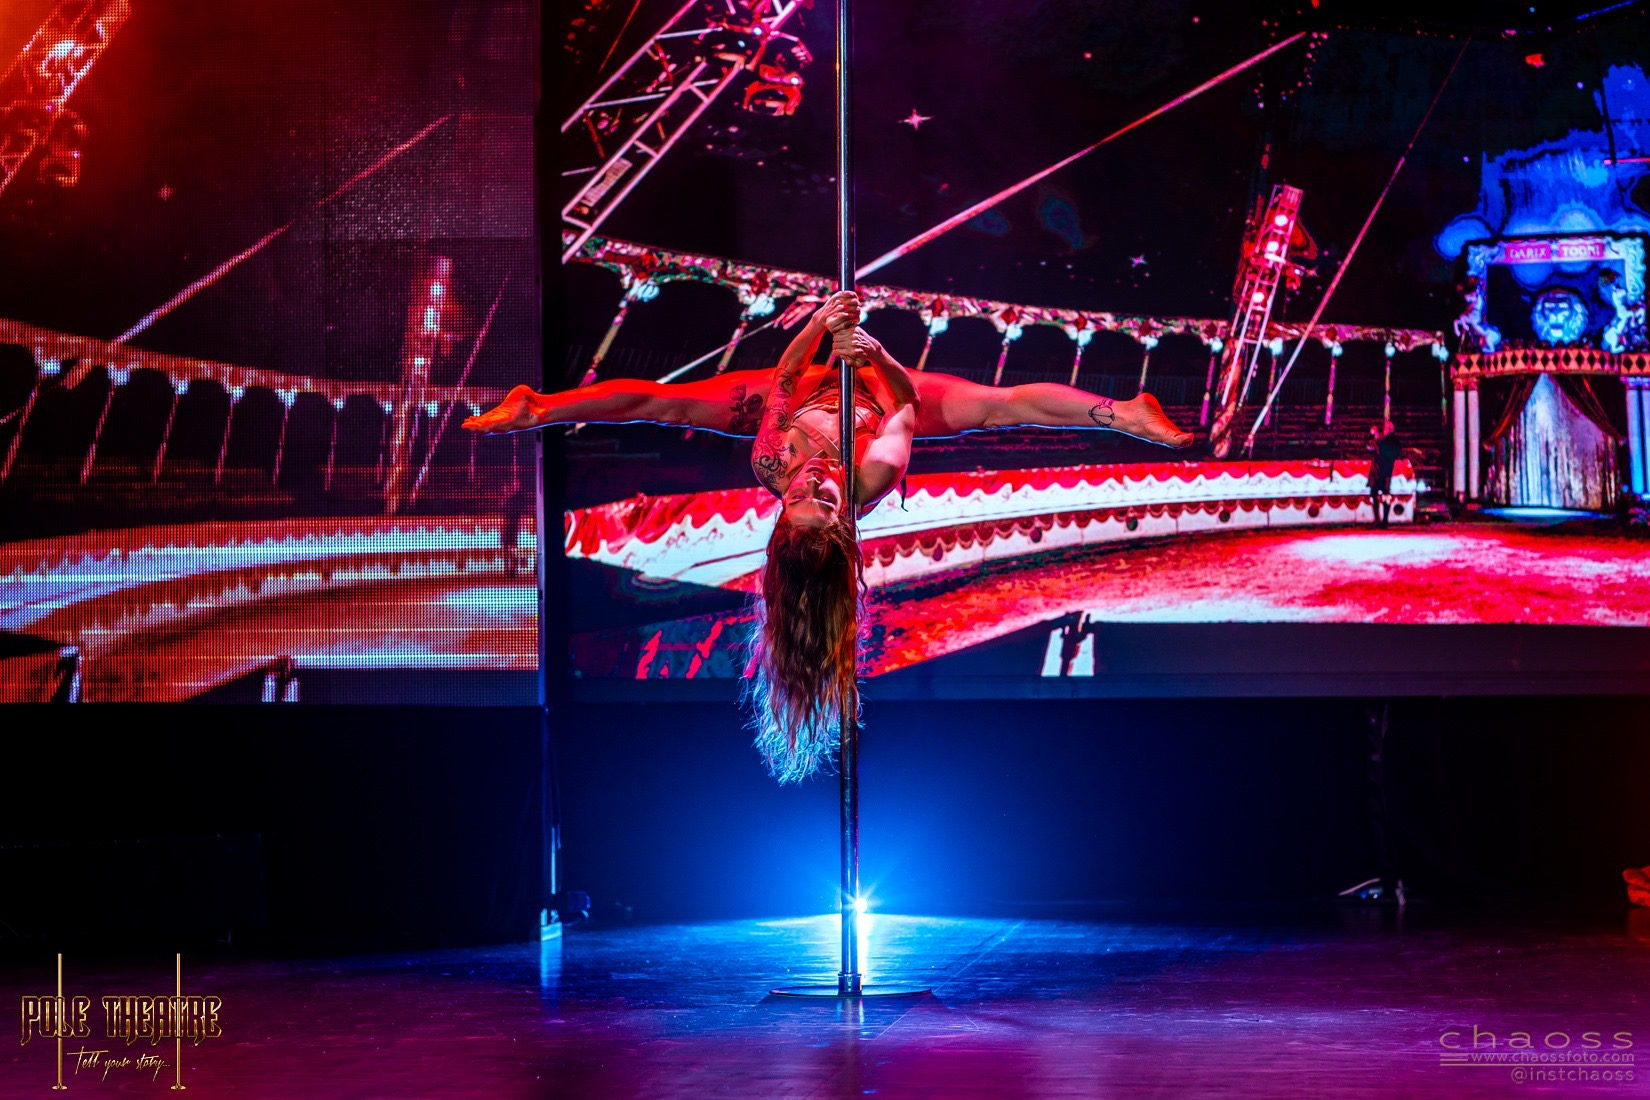 Compétition de Pole Dance : on fait le tour de la question